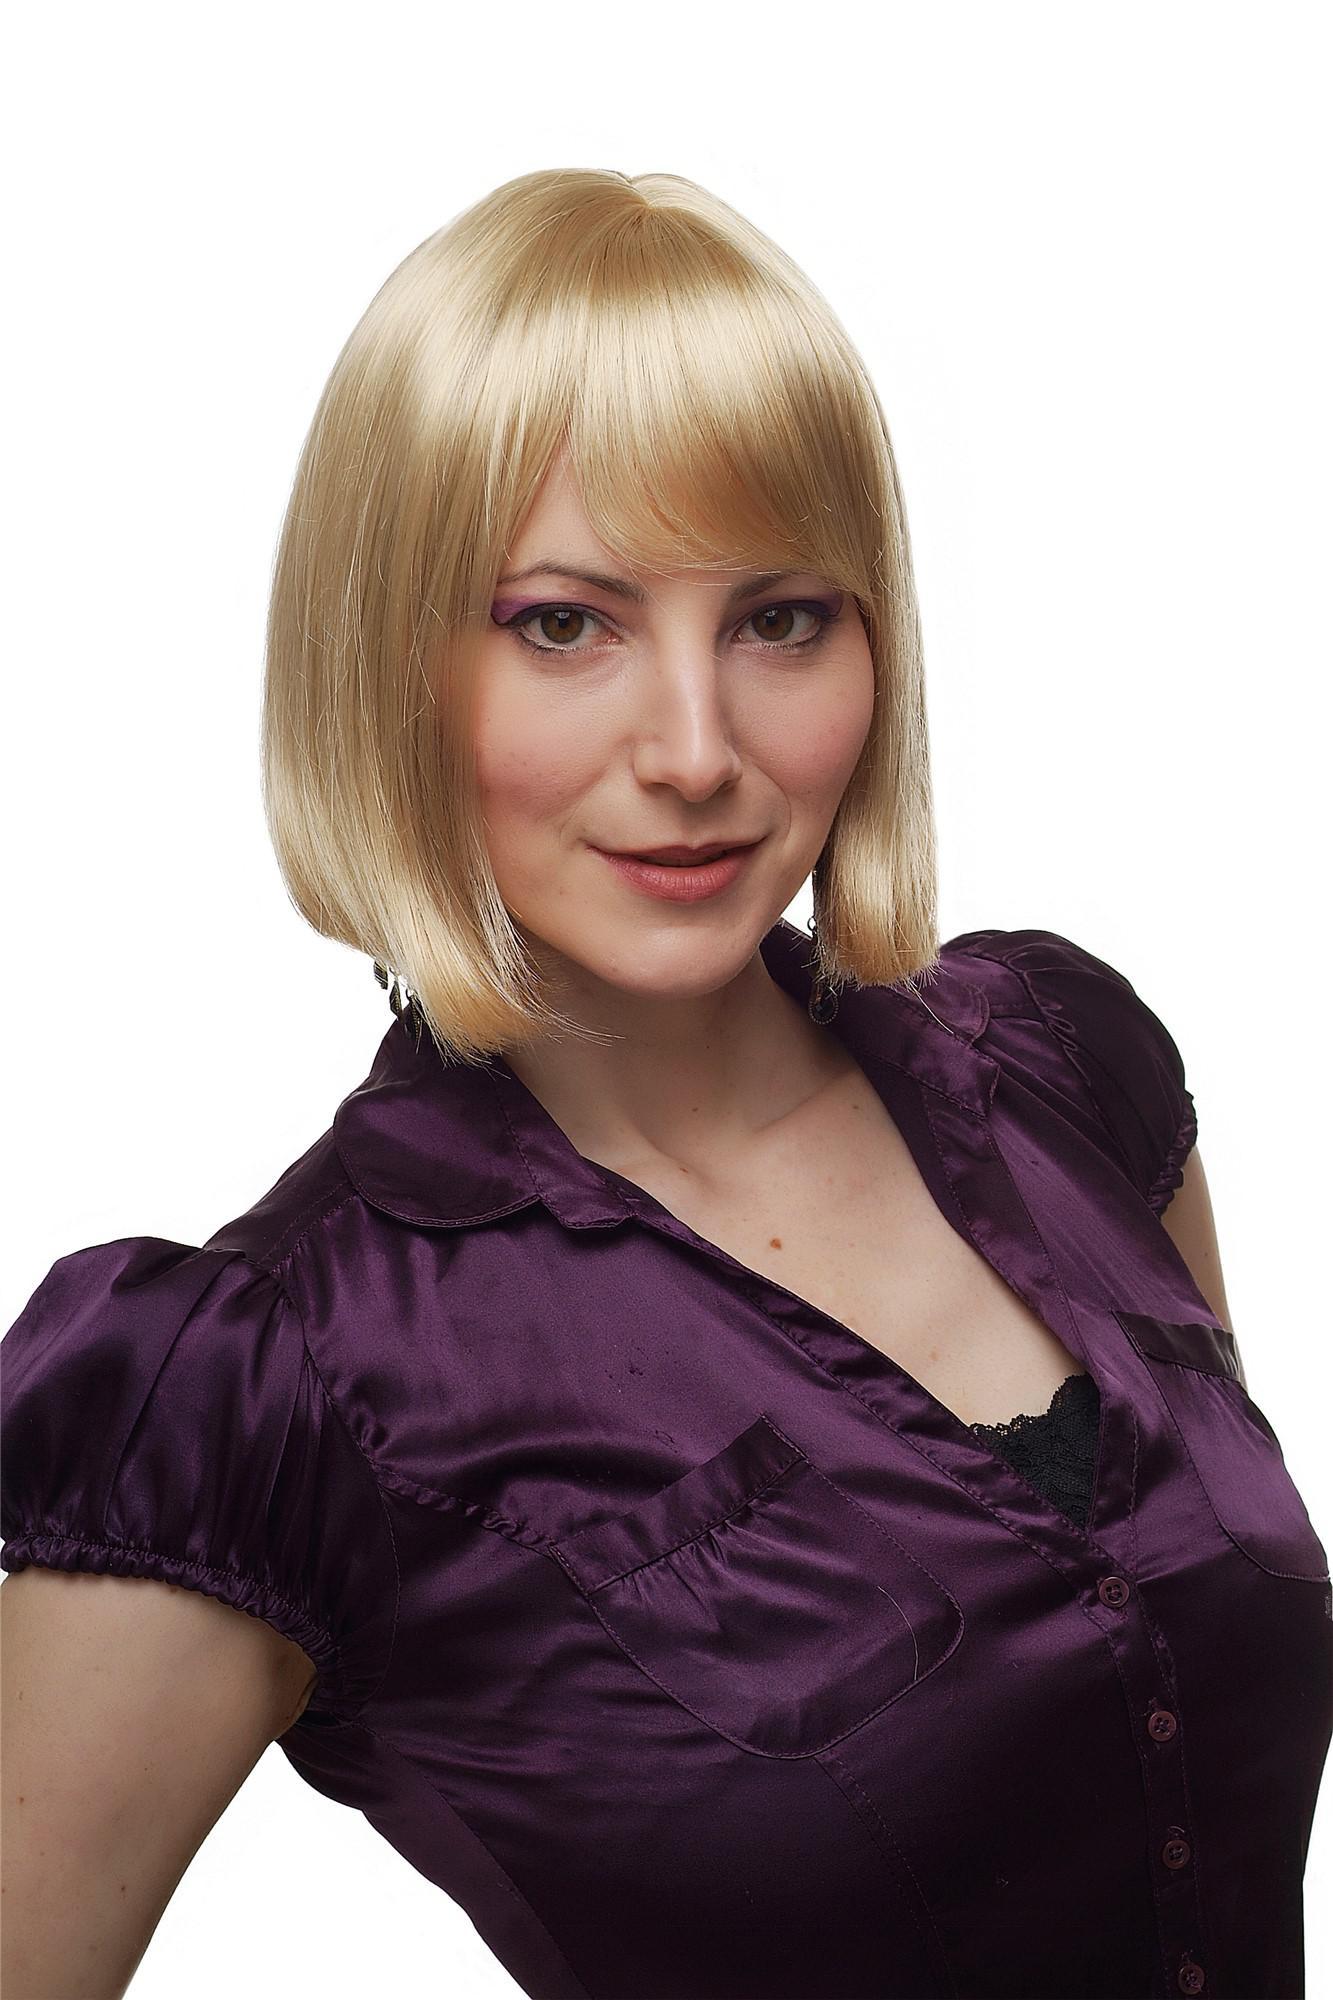 Damen Perucke Bob Goldblond Frisur Seitenscheitel Wig Haarersatz 25 Cm 2212 202